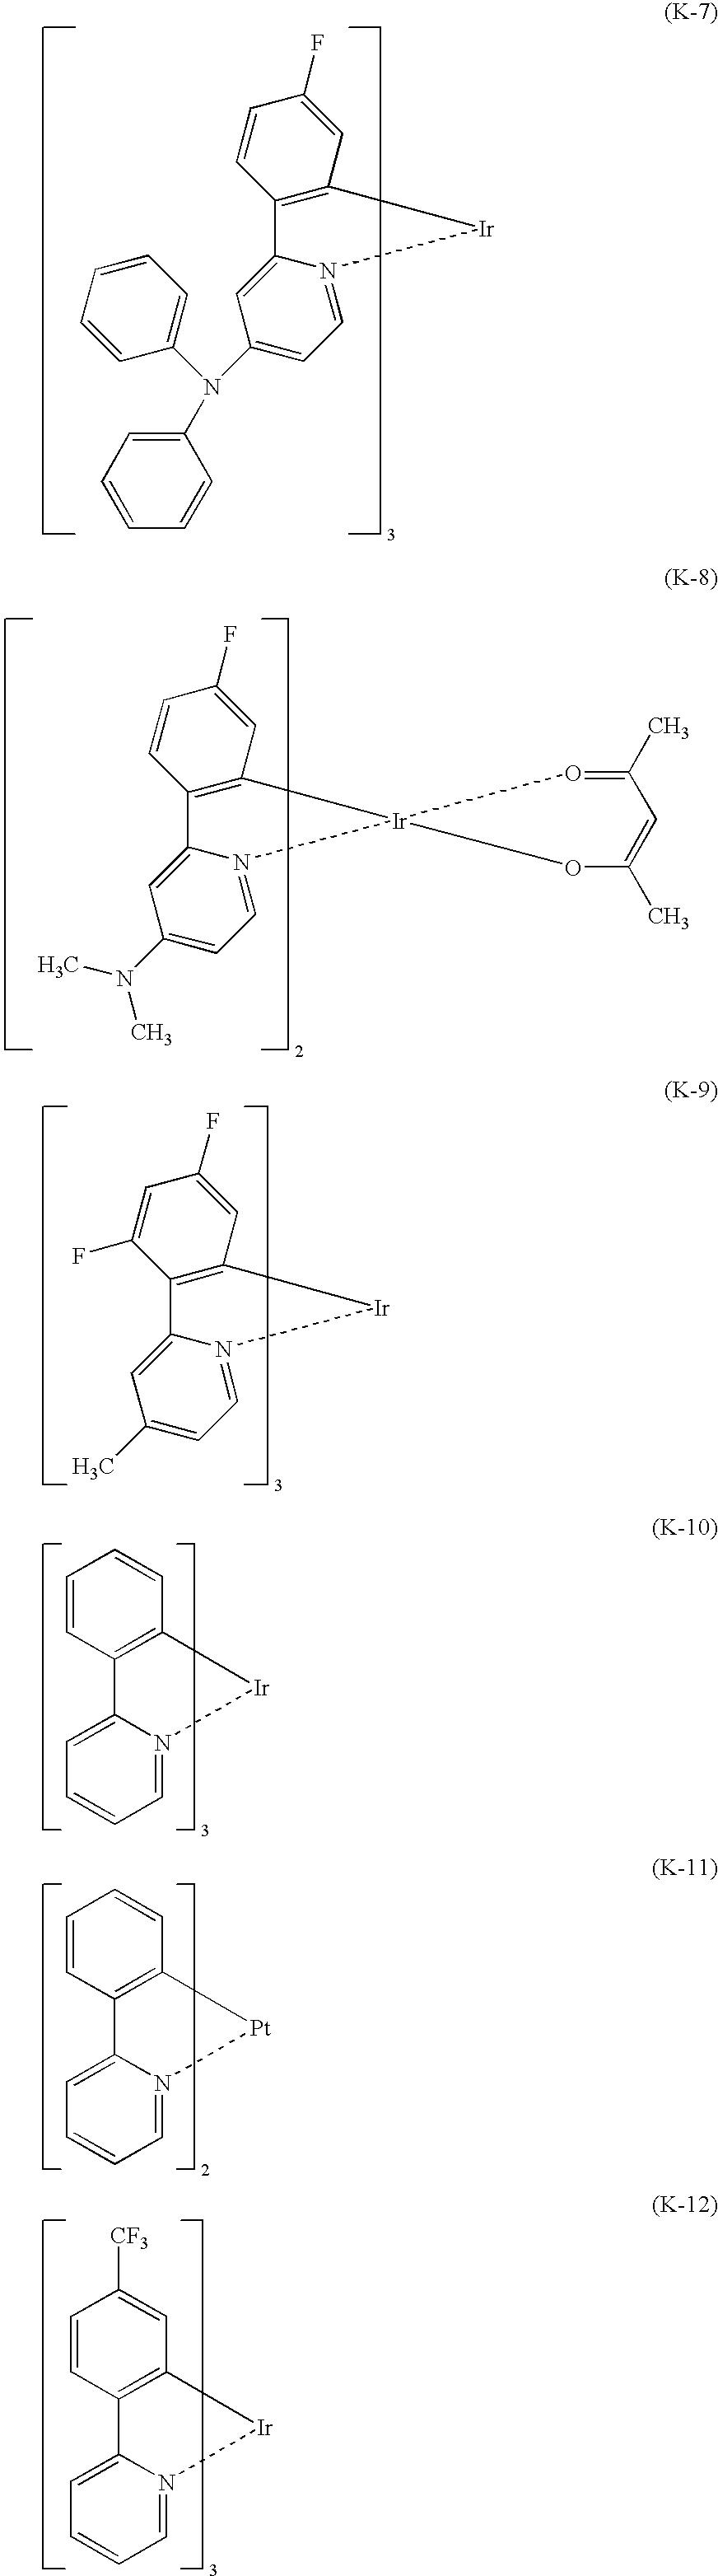 Figure US20060257684A1-20061116-C00003